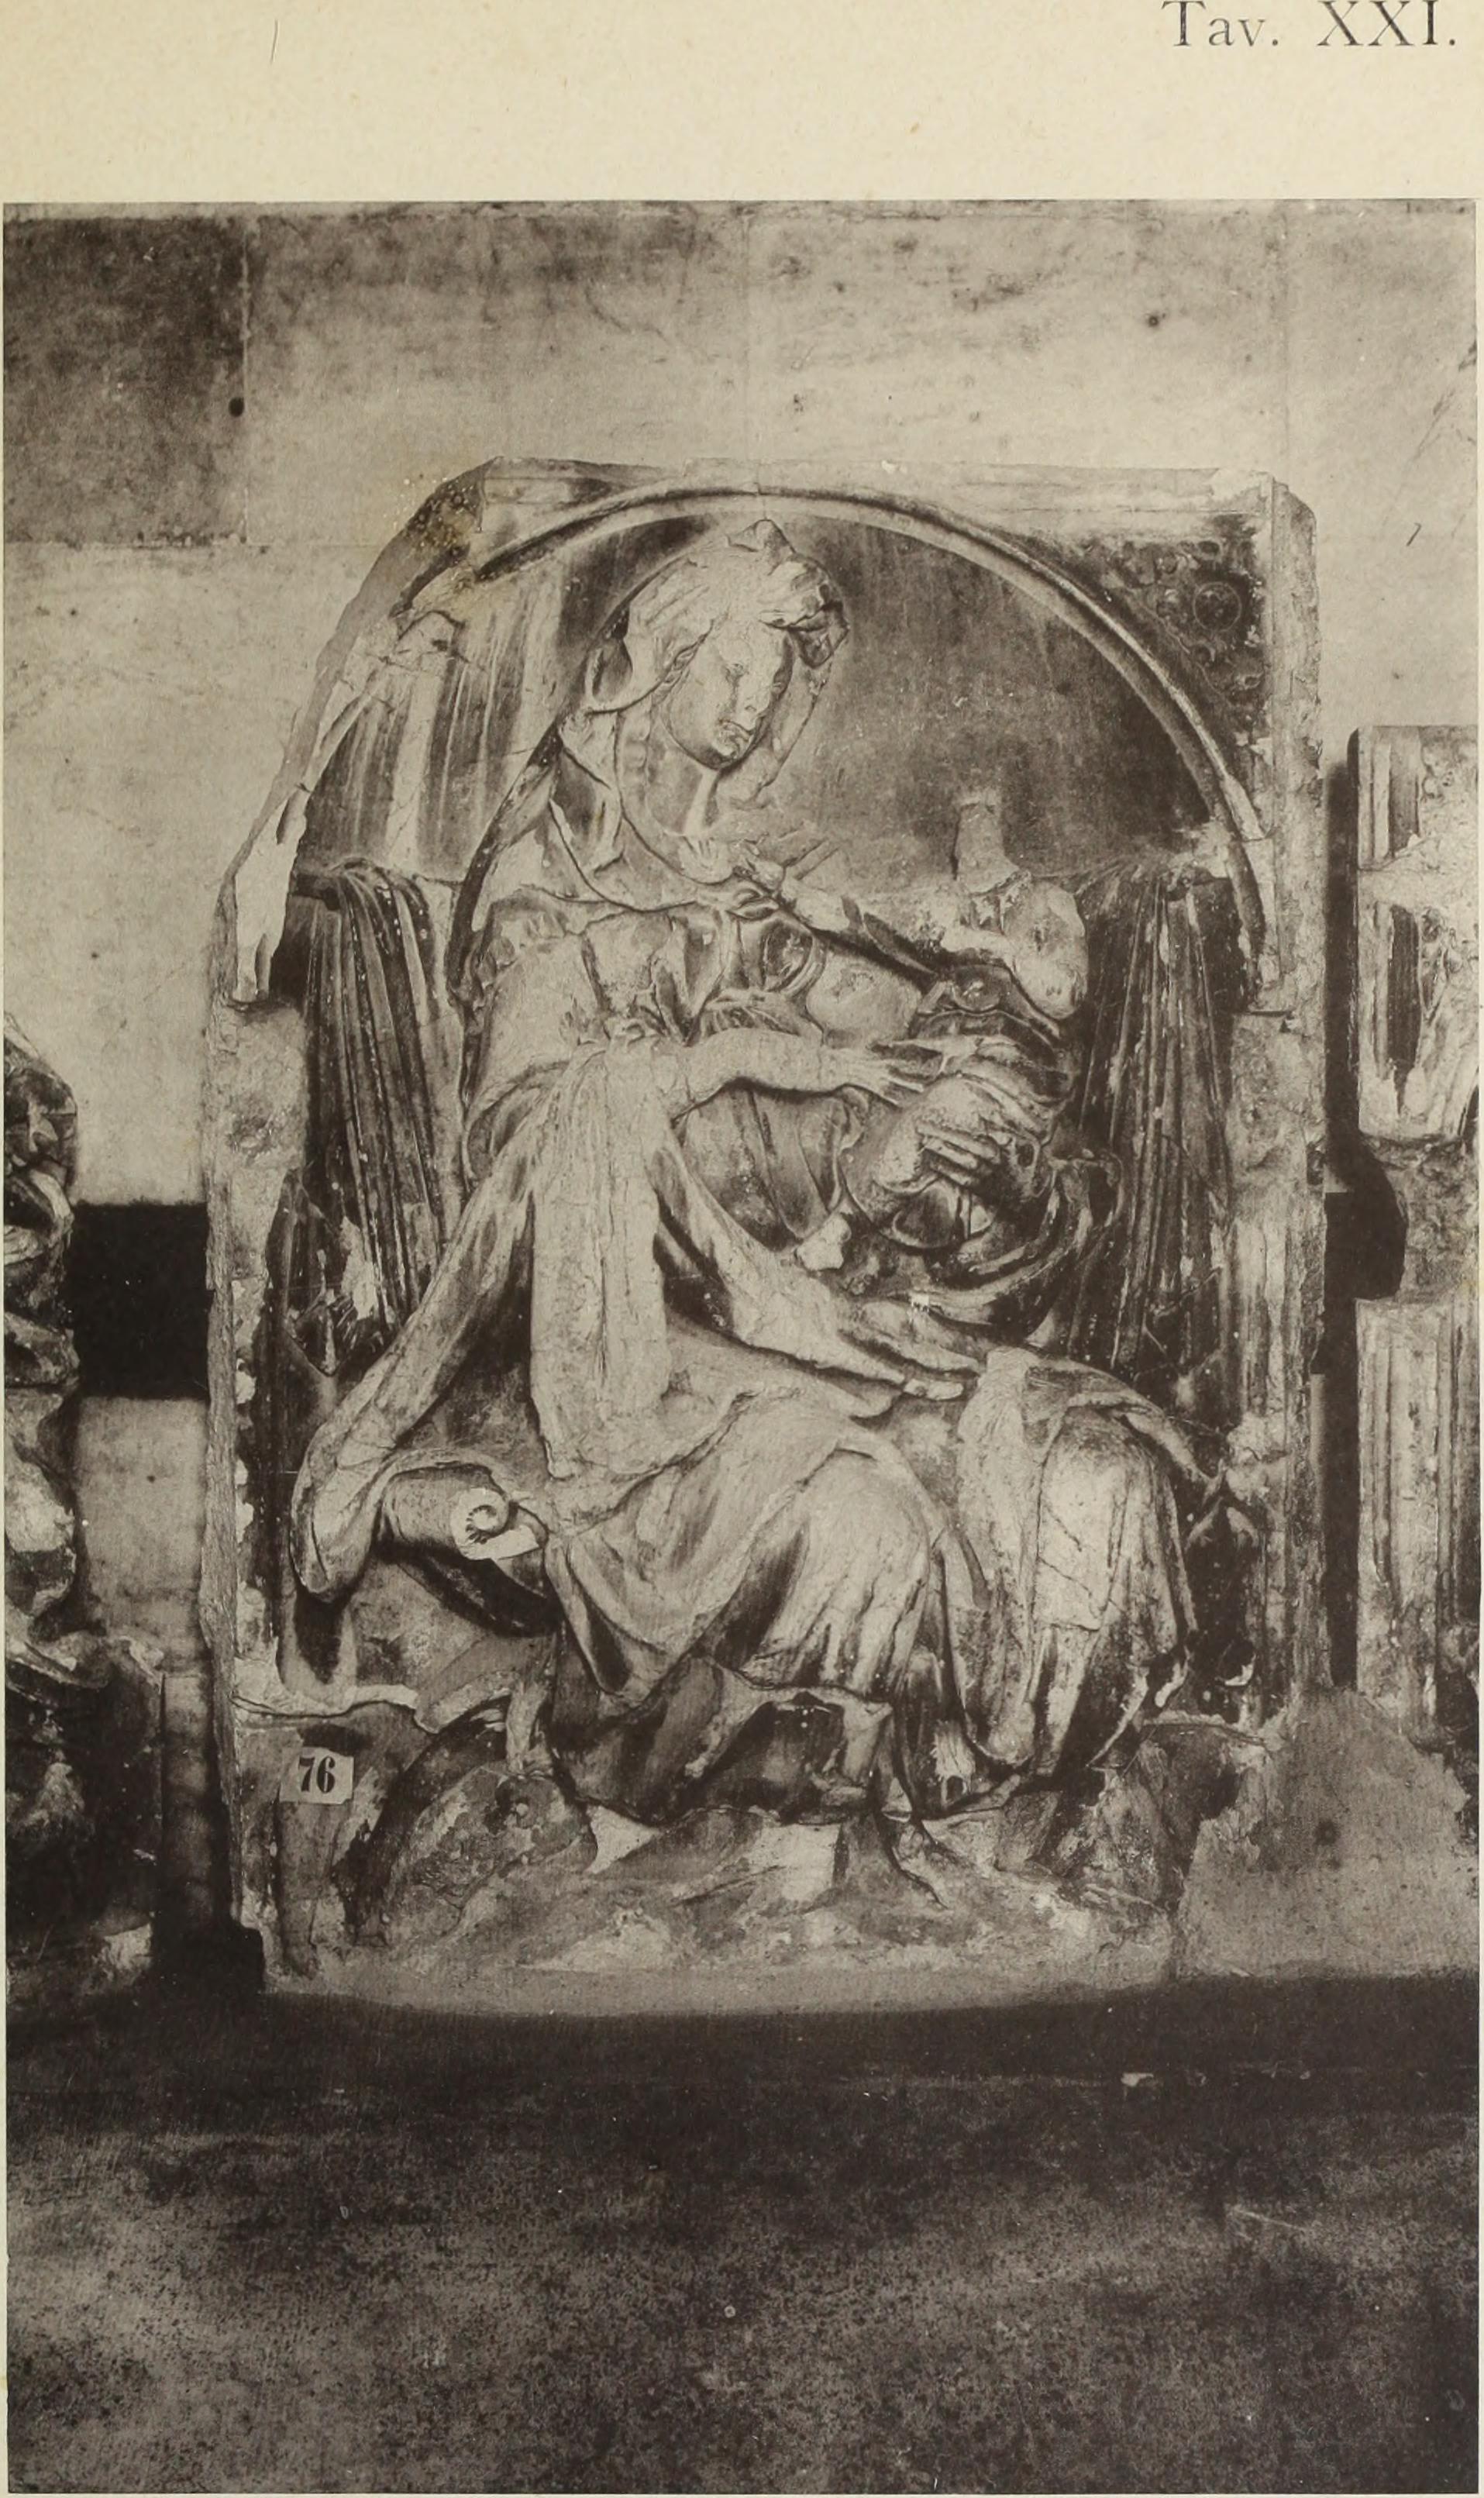 Le fonti di Siena e i loro aquedotti, note storiche dalle origini fino al MDLV (1906) (14590865047).jpg